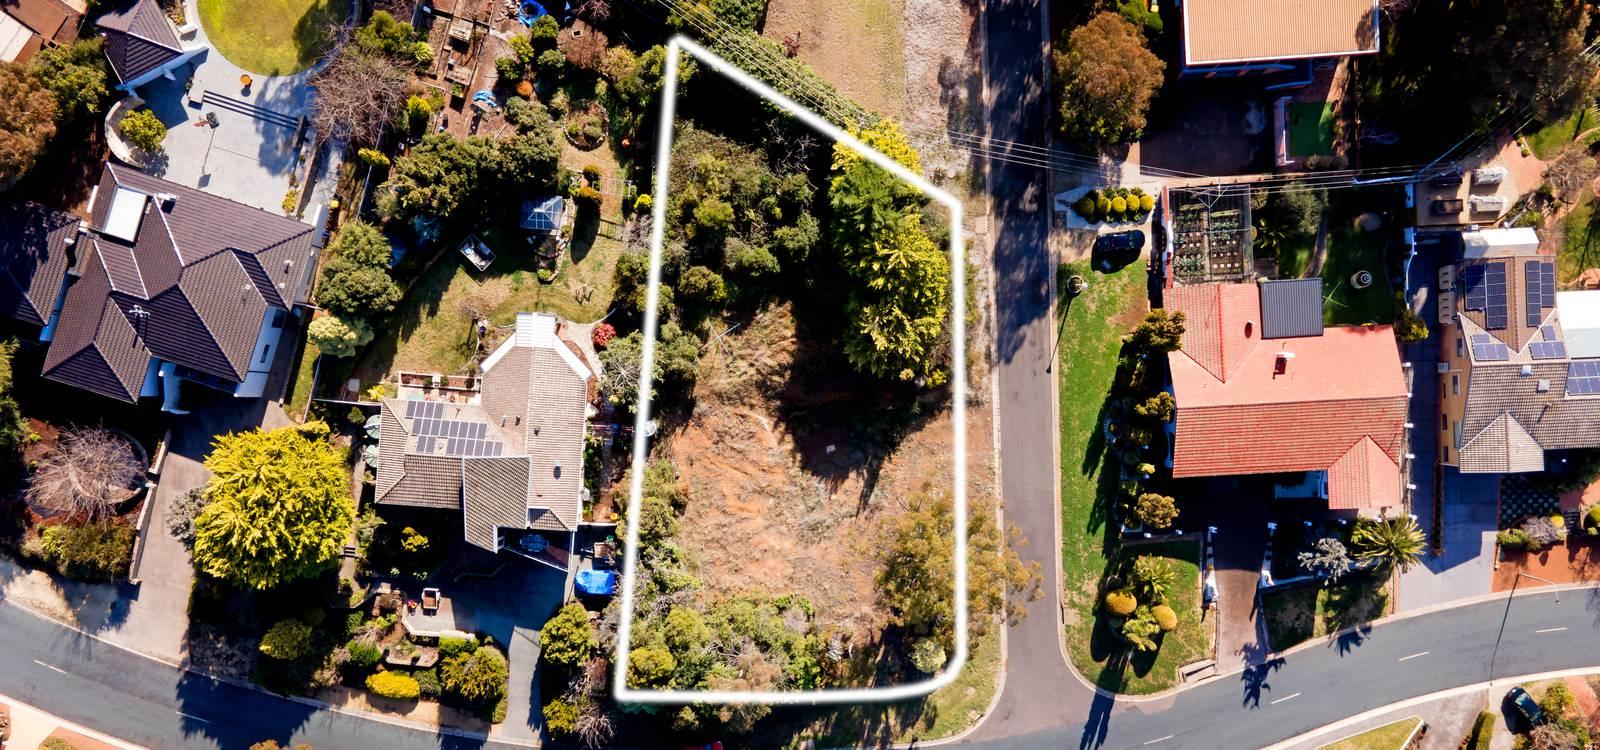 49 Bainton Crescent MELBA, ACT 2615 - photo 1